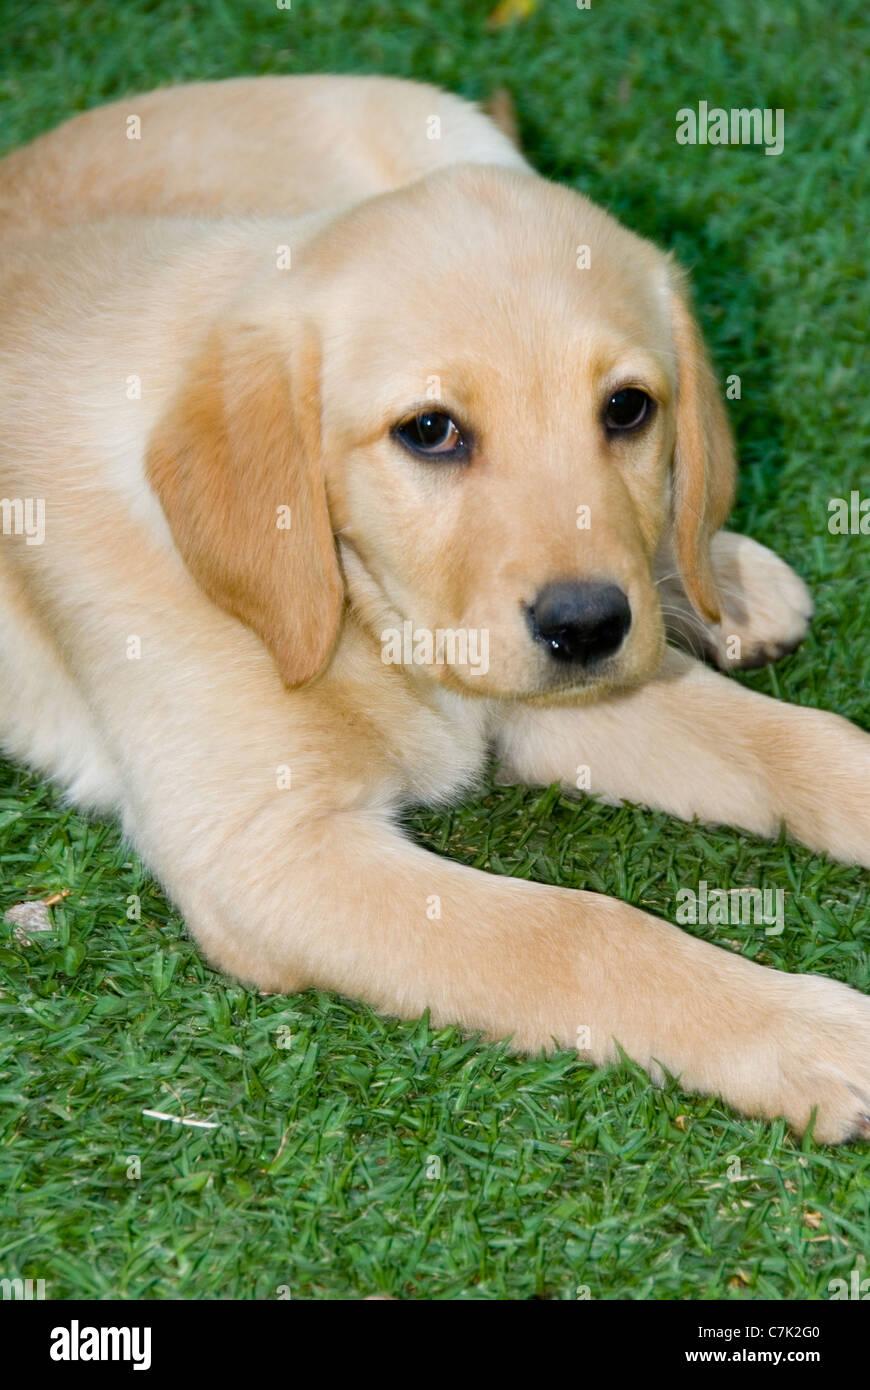 400+ Free Labrador Retriever & Labrador Images - Pixabay